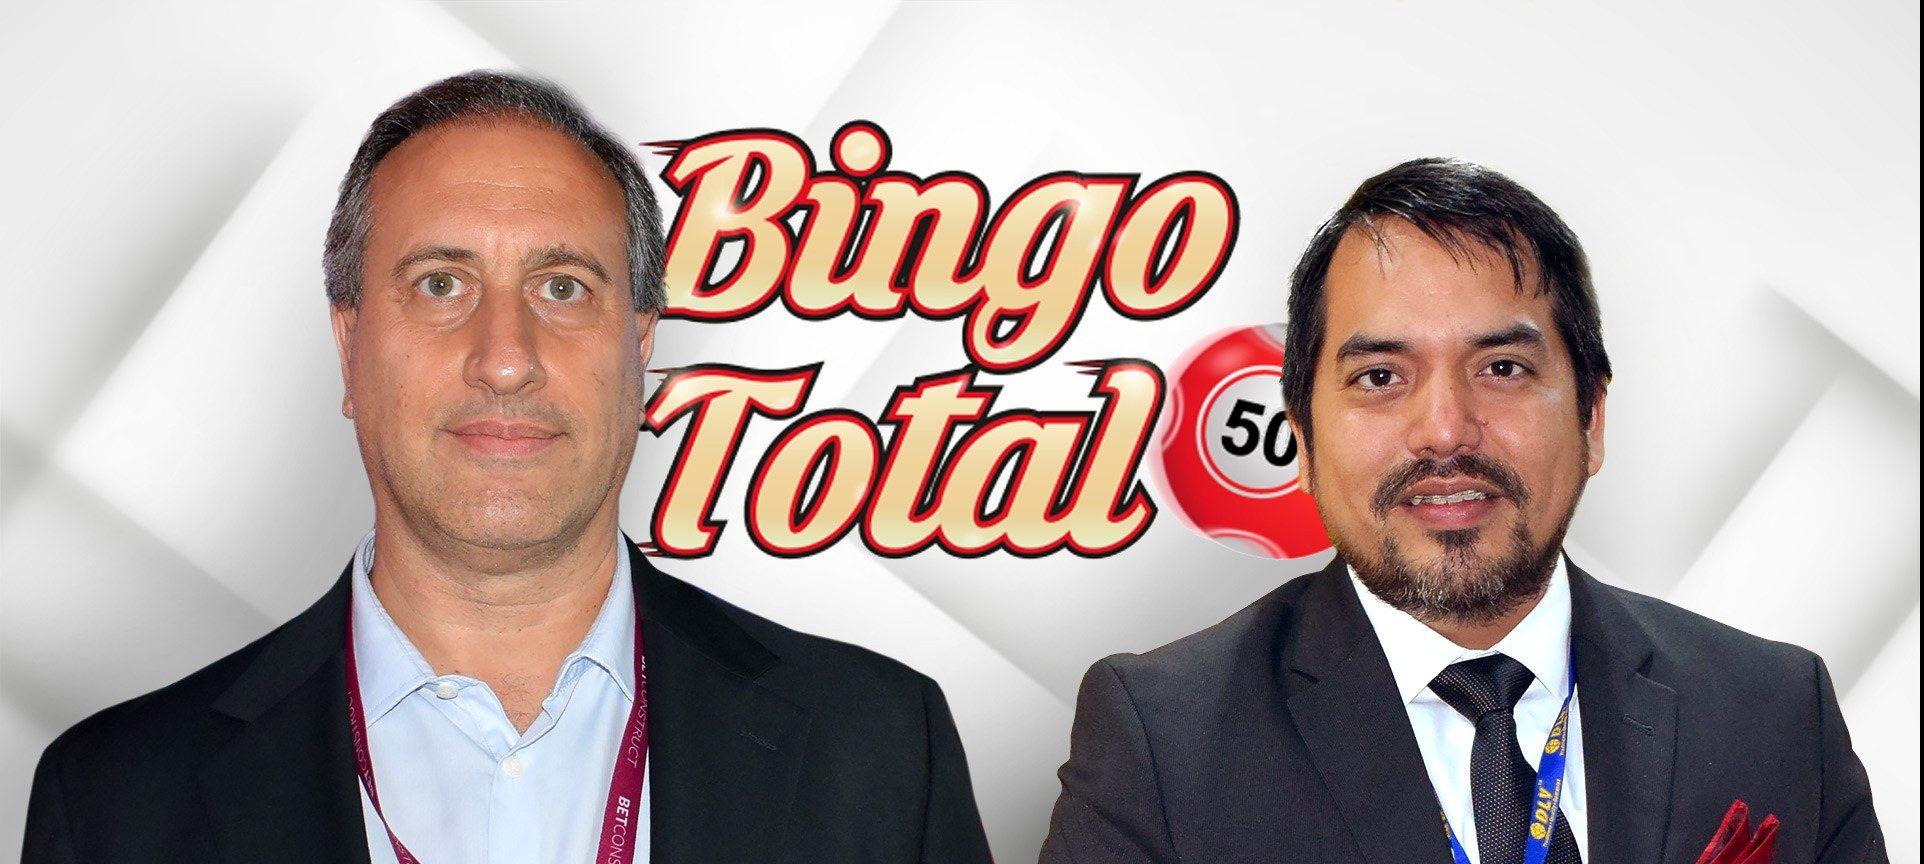 Como jugar en Bingo Total de Apuesta Total - Juega gratis hasta el 26 de abril y gana cualquiera de los 4 premios diarios.